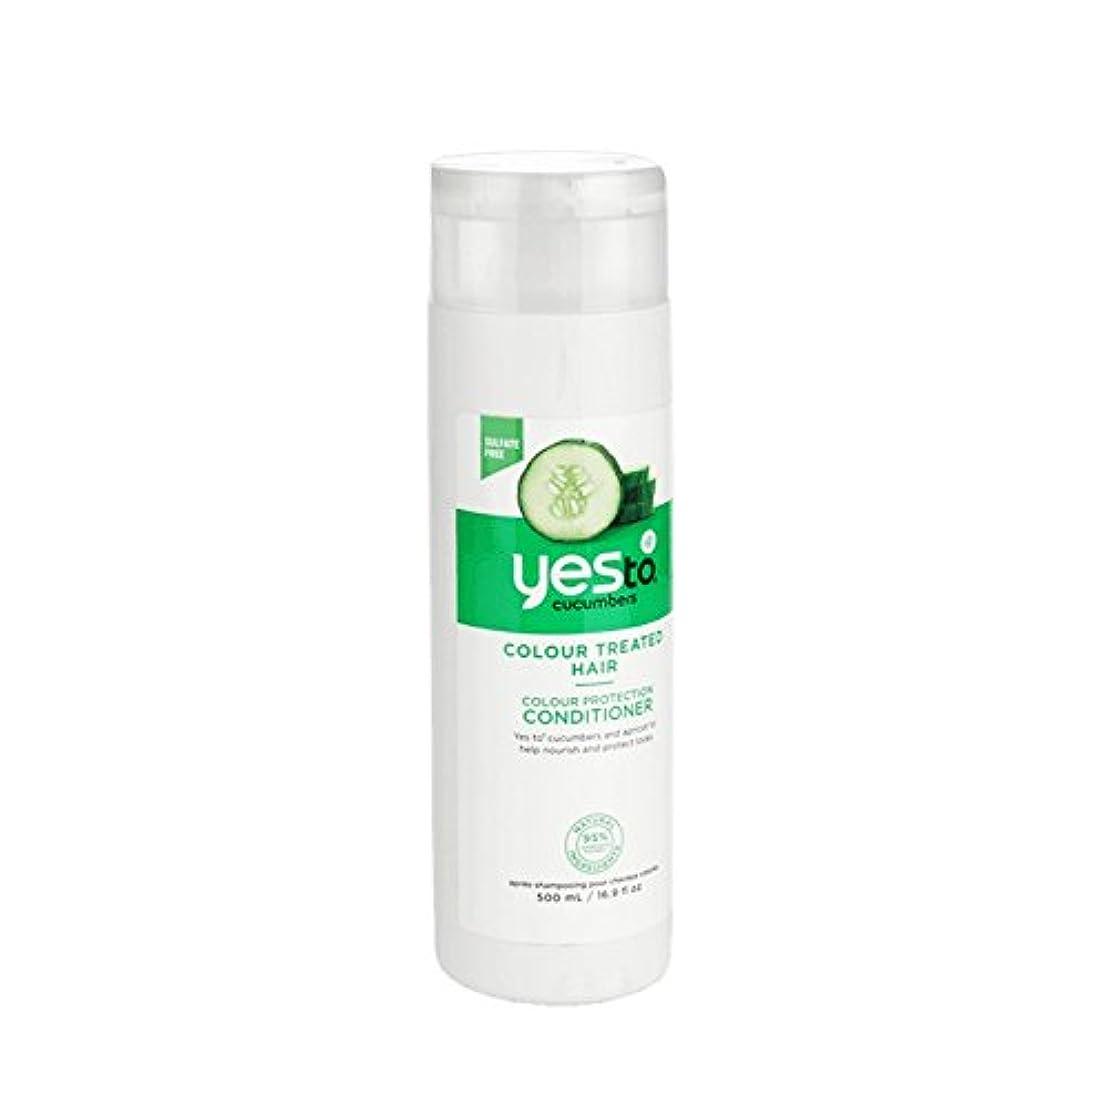 方法サッカー偽装するはいキュウリの色の保護コンディショナー500ミリリットルへ - Yes To Cucumbers Colour Protection Conditioner 500ml (Yes To) [並行輸入品]